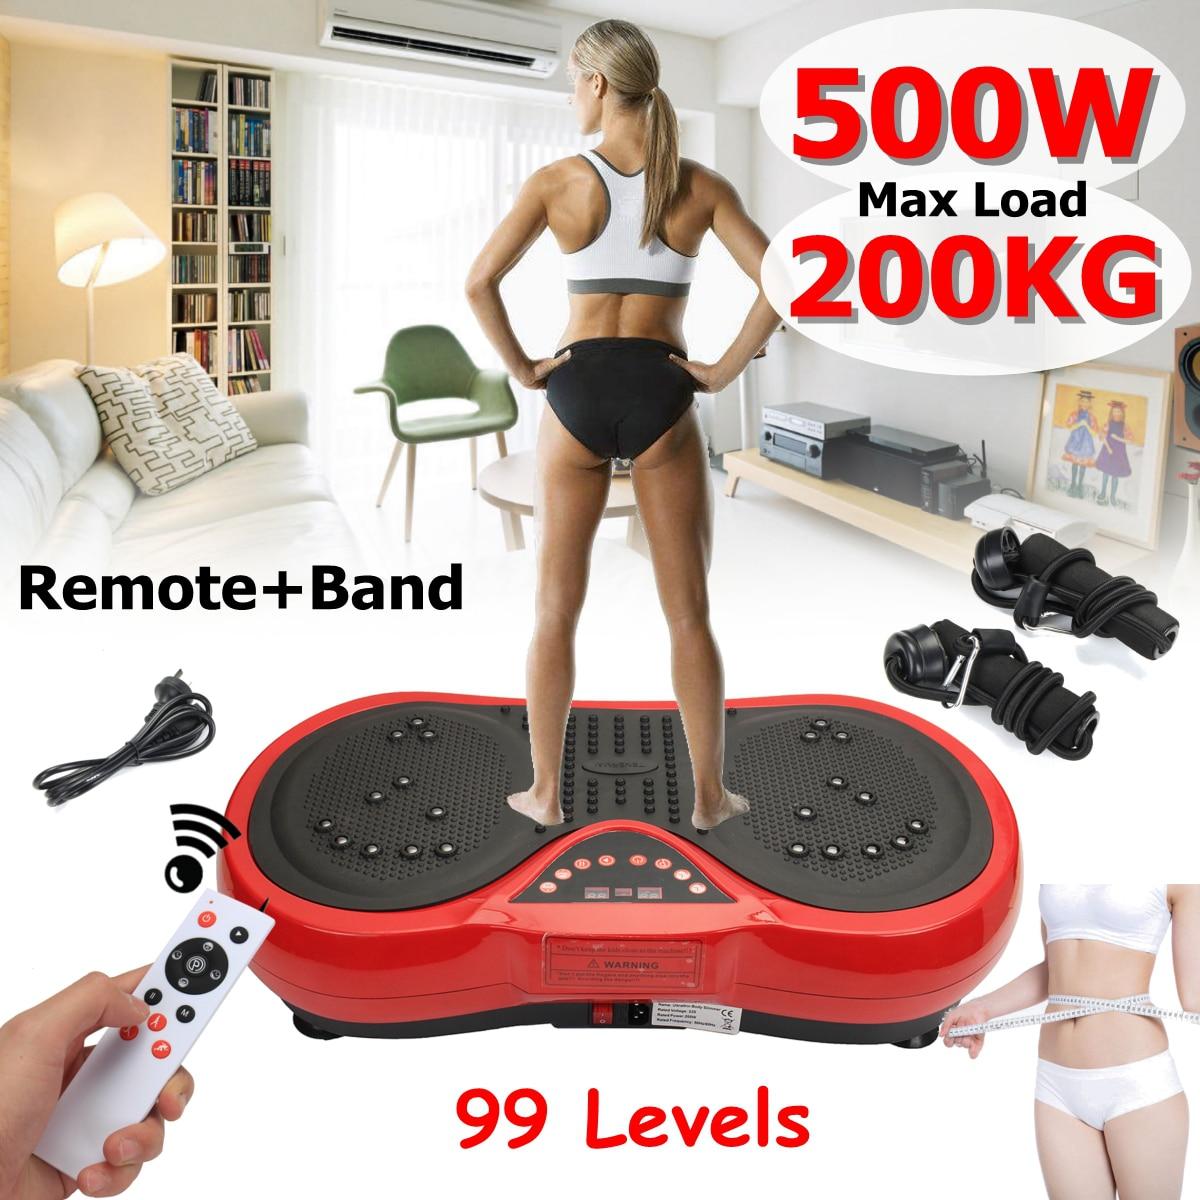 Ejercicio Fitness Slim máquina de vibración Trainer plataforma placa cuerpo Shaper con bandas de resistencia para el hogar + control Remoto + banda